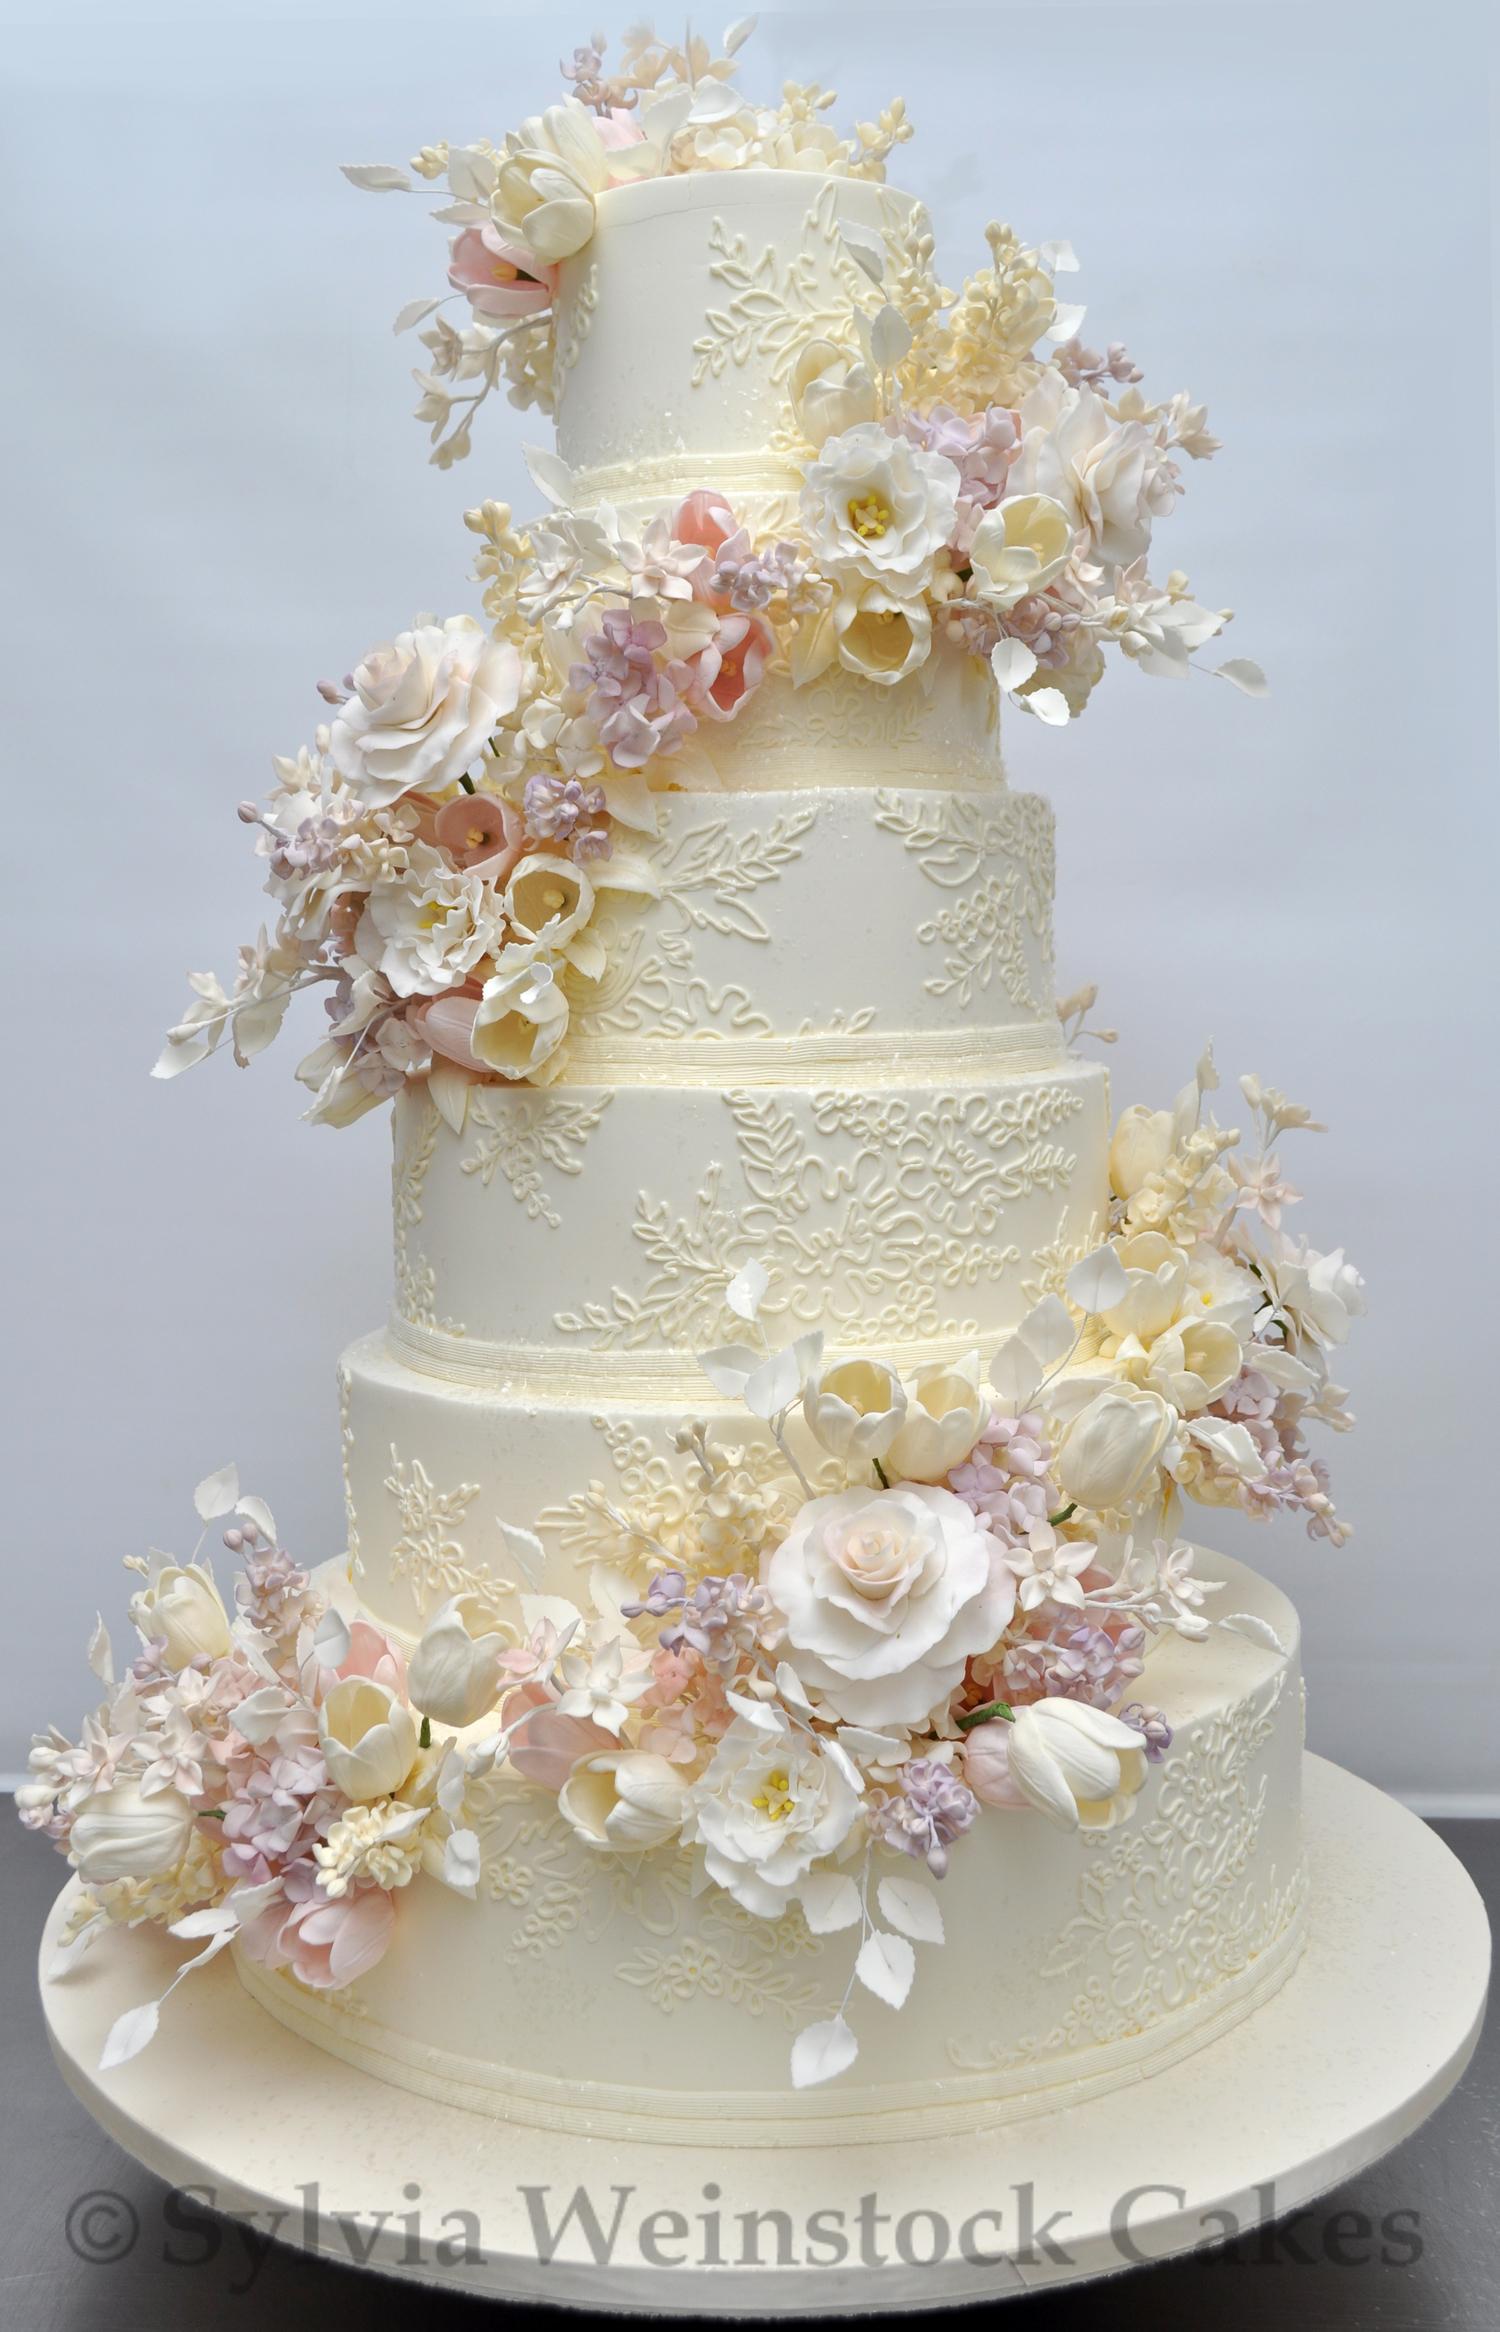 Sylvia Weinstock: The Queen of Cakes • The Wedding Biz